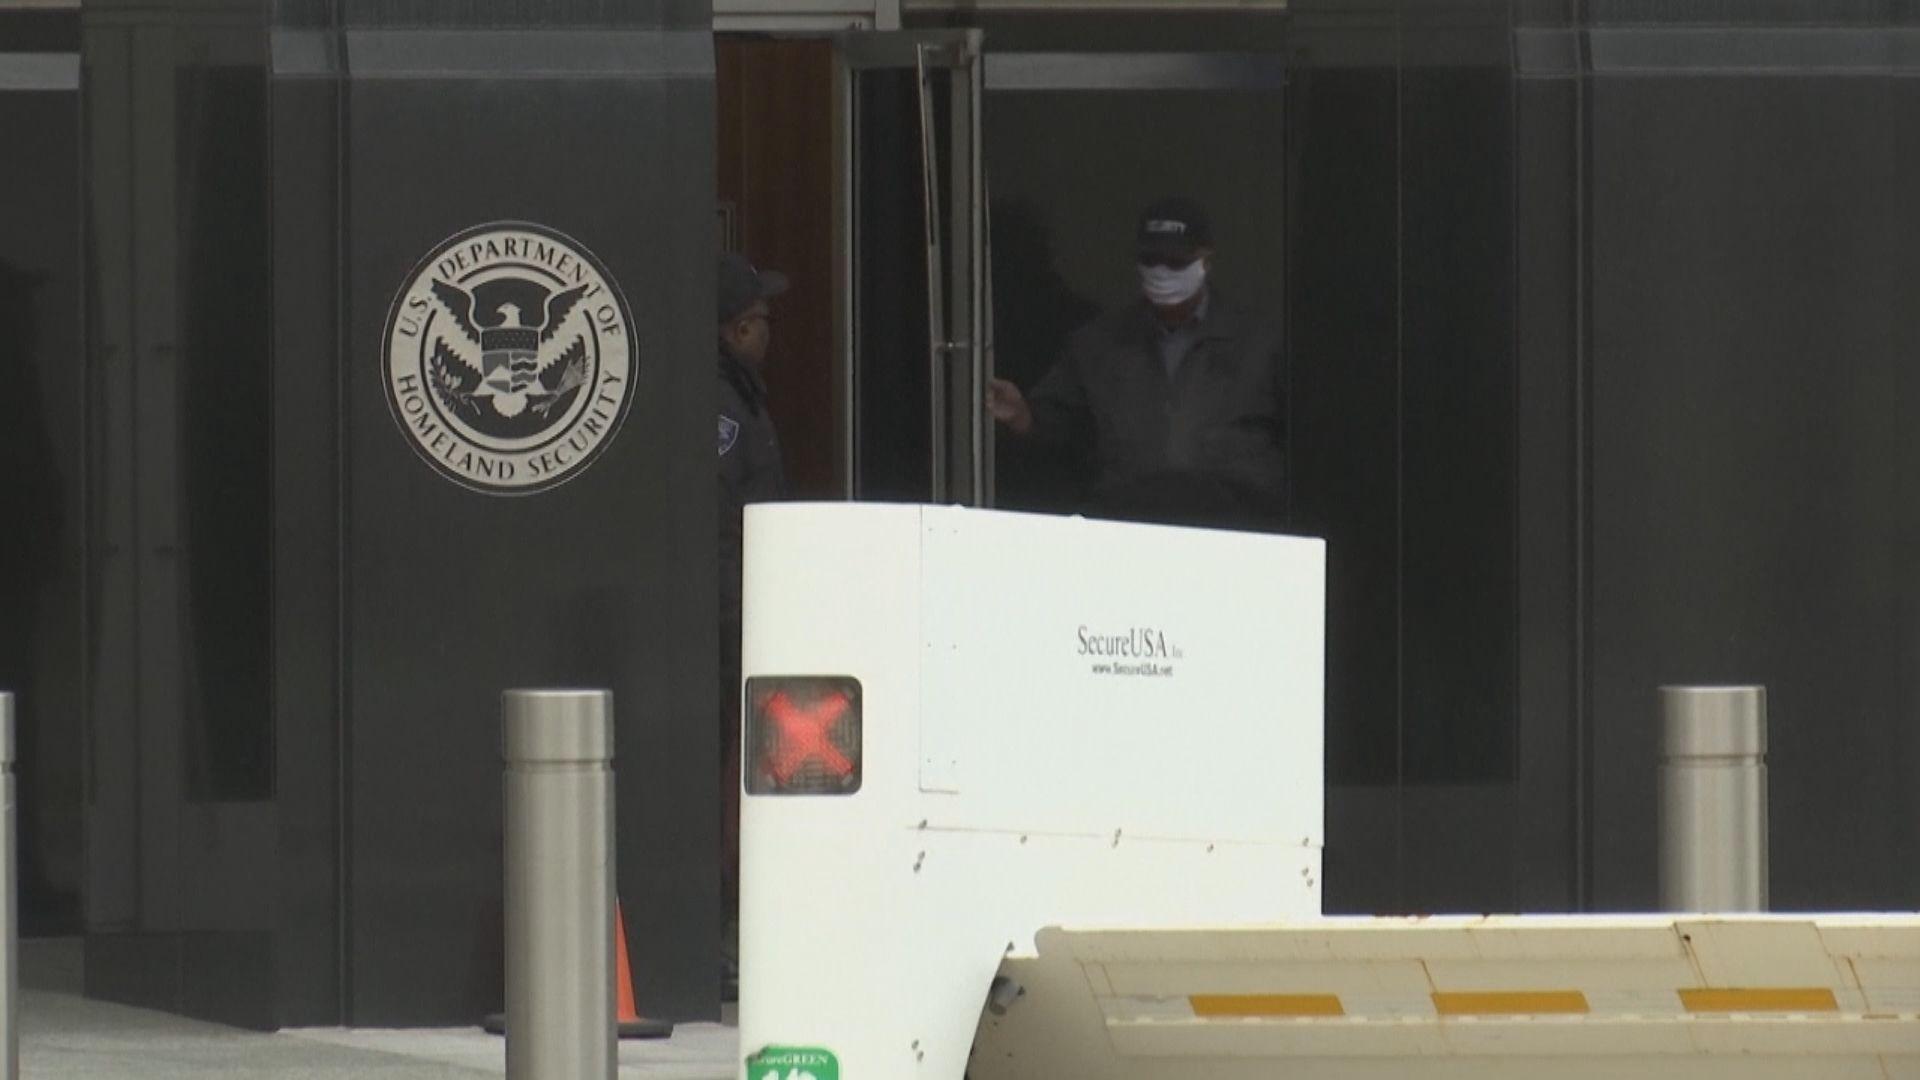 美前情報官員指控被要求淡化俄干預美國大選評估